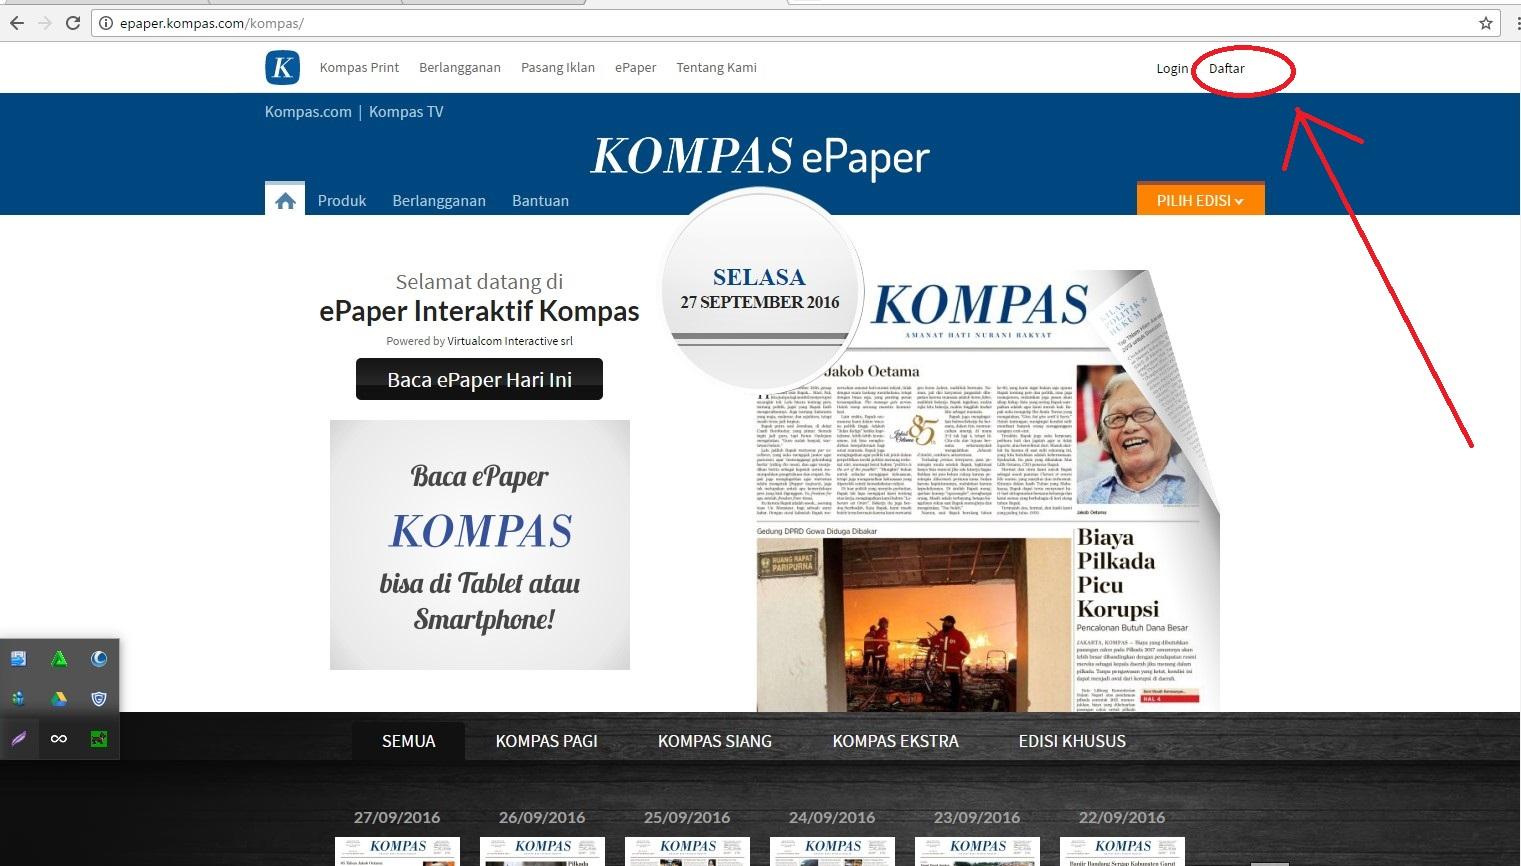 riomegabest web fc2 com